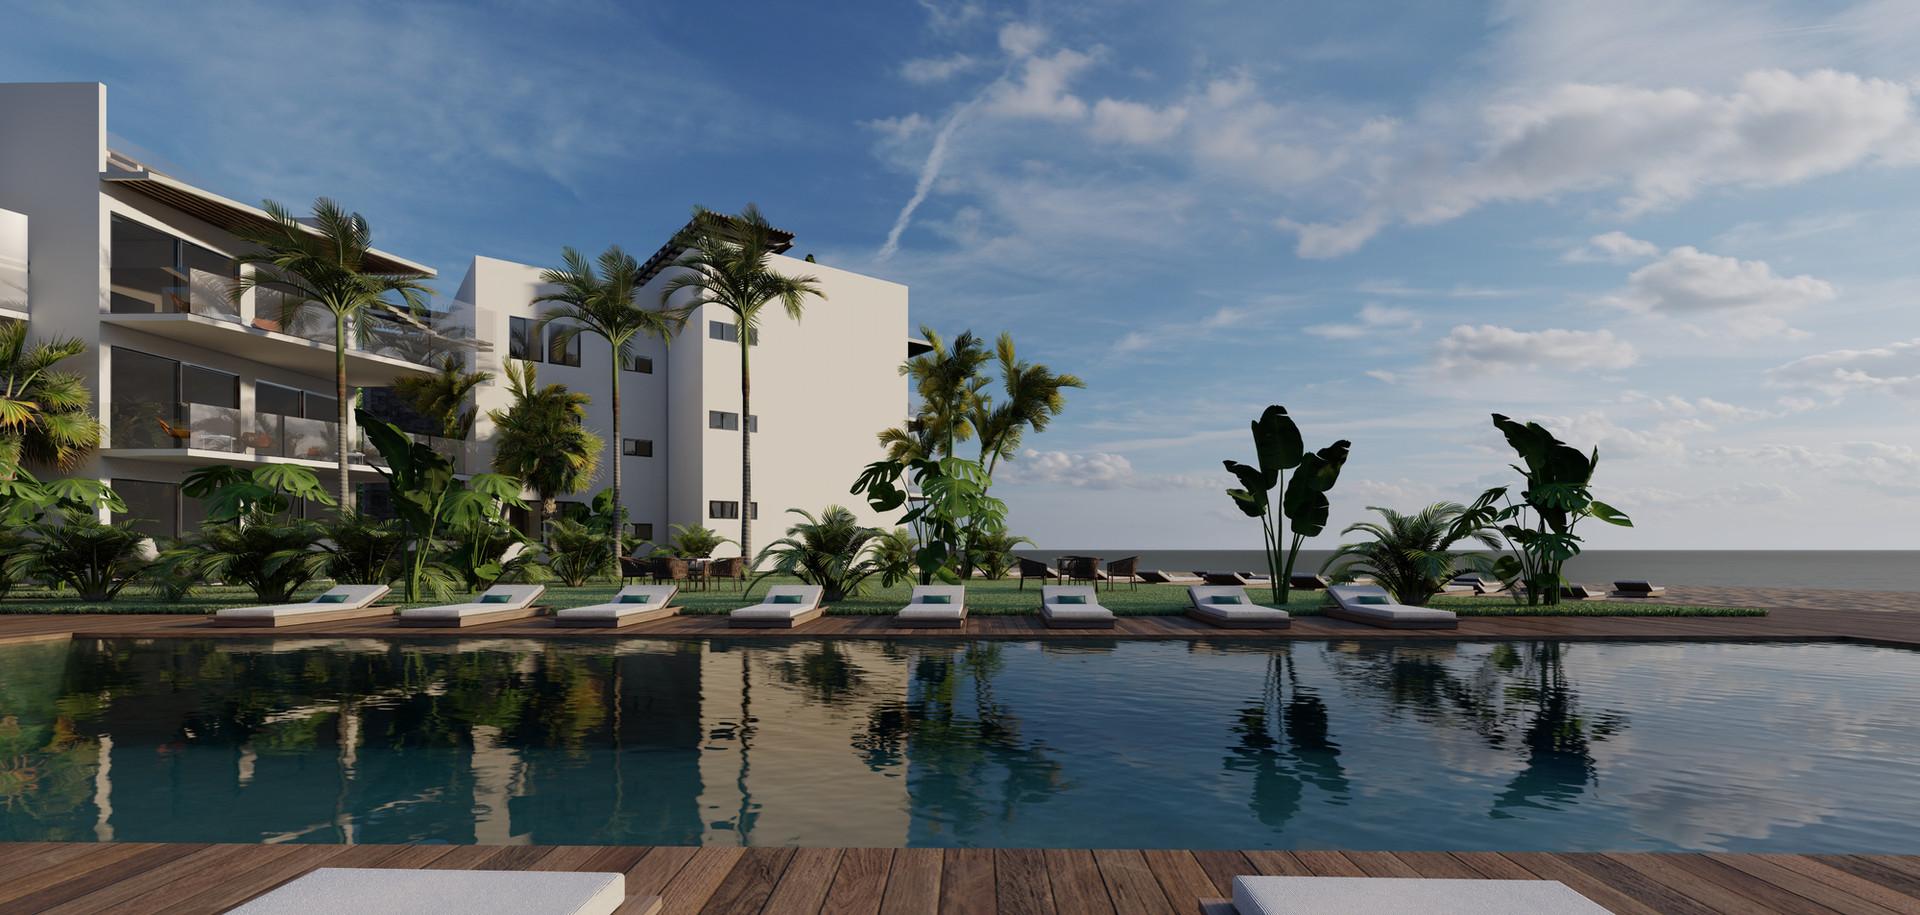 UR-CC Villas Exteriors Render 3.jpg